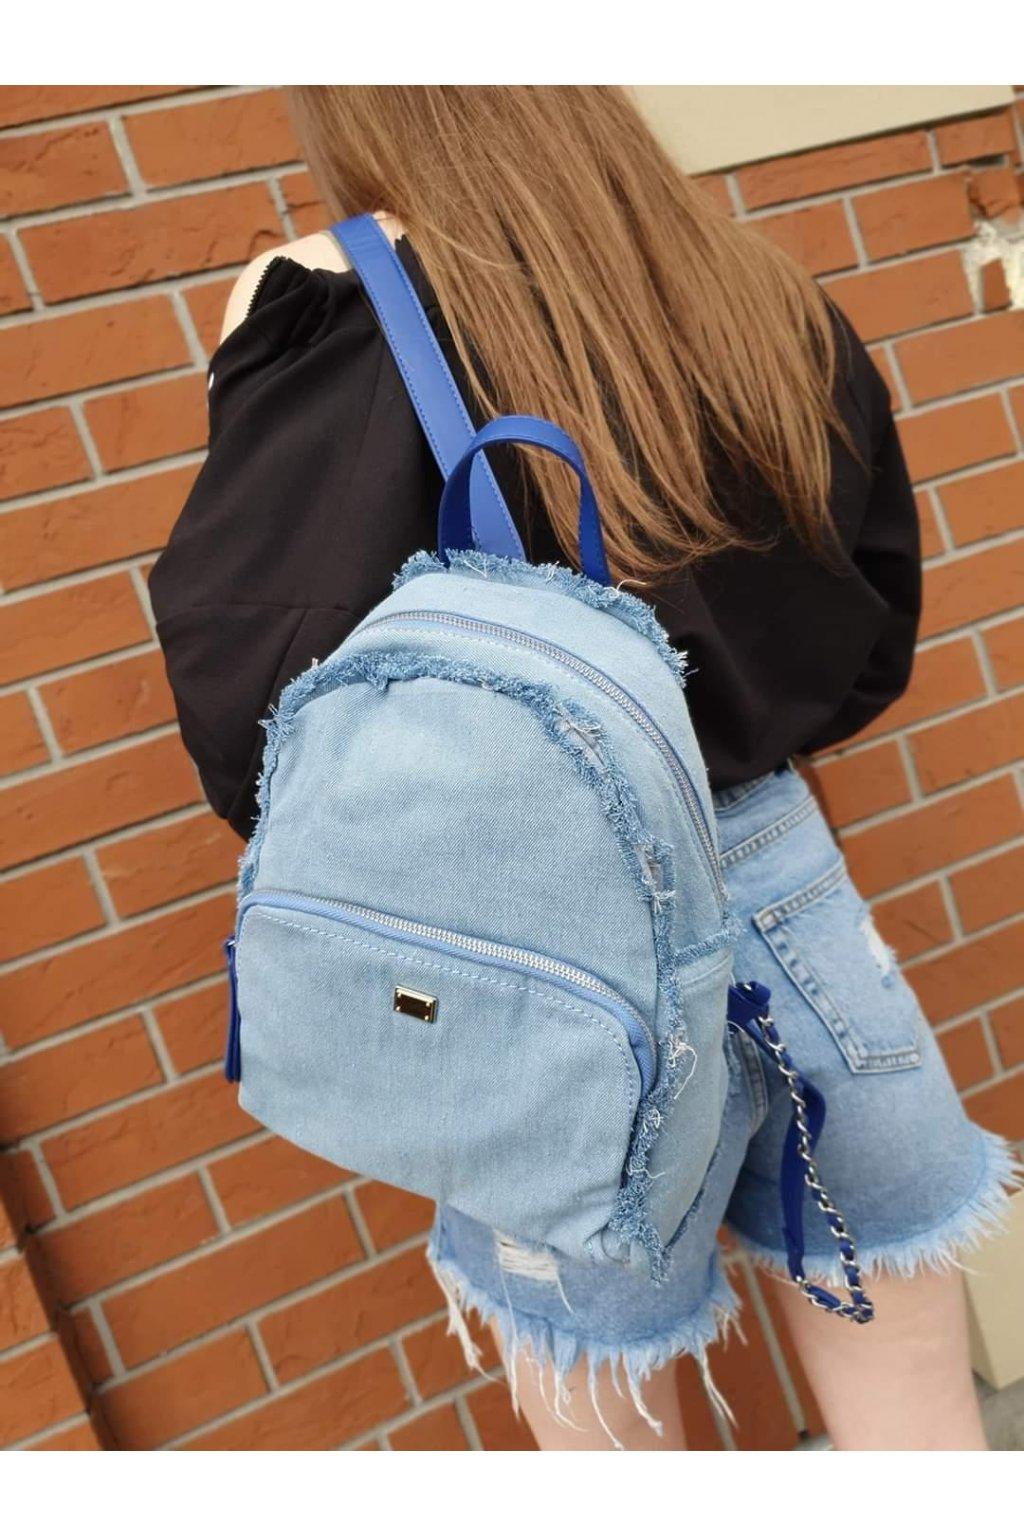 batoh jeans světle modrý